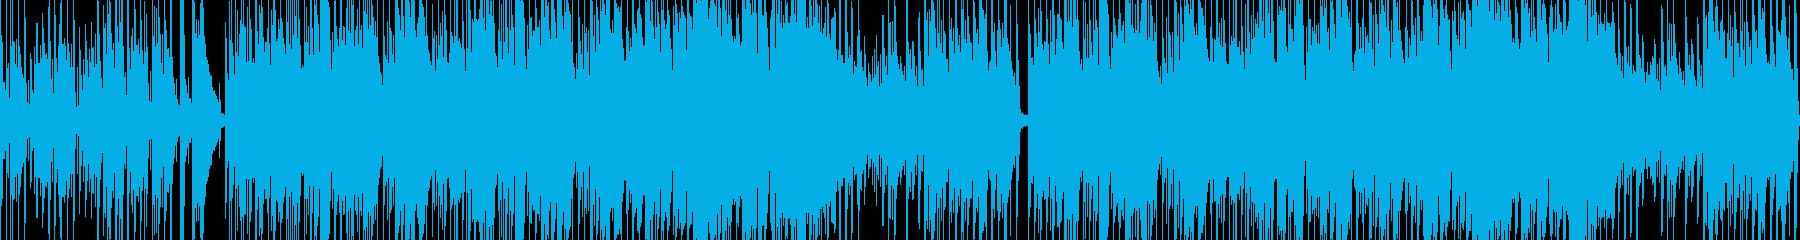 カフェで流れるジャズの再生済みの波形